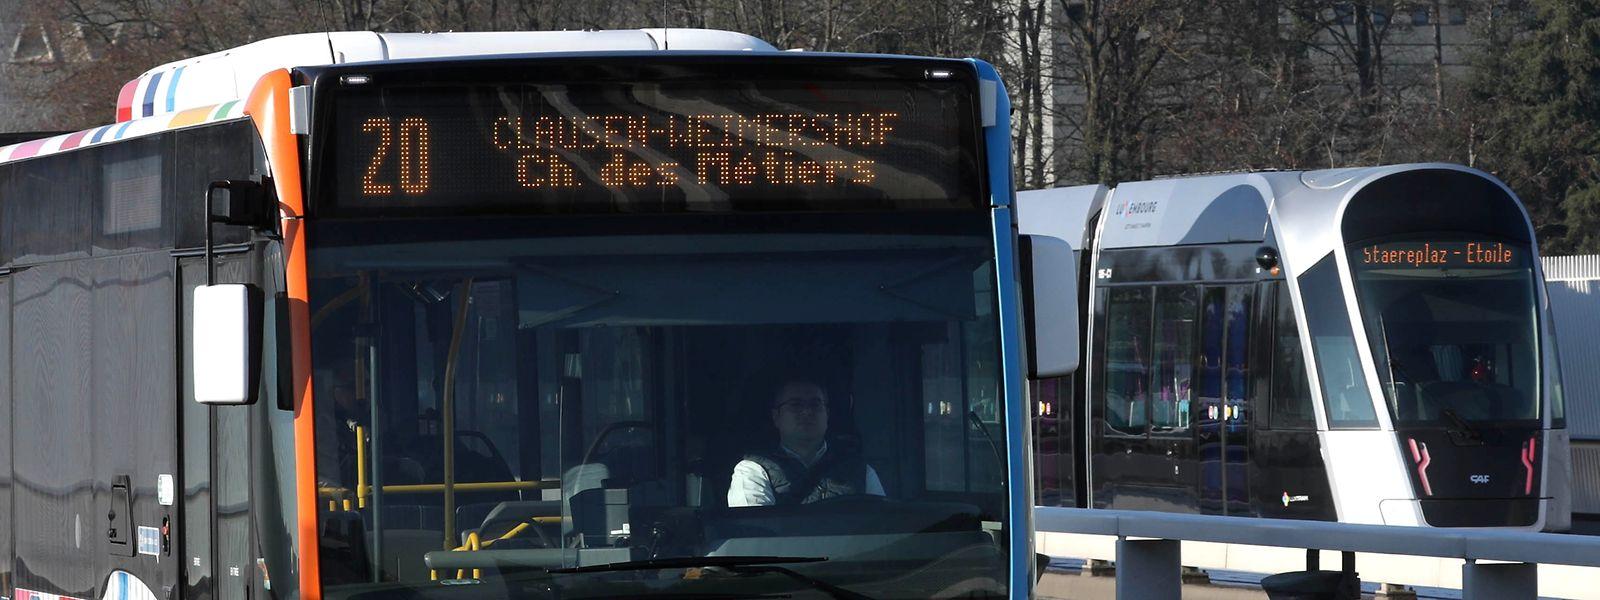 Auch die Stadt Luxemburg wird sich beteiligen - das stellte Bürgermeisterin Lydie Polfer am Montagnachmittag klar.